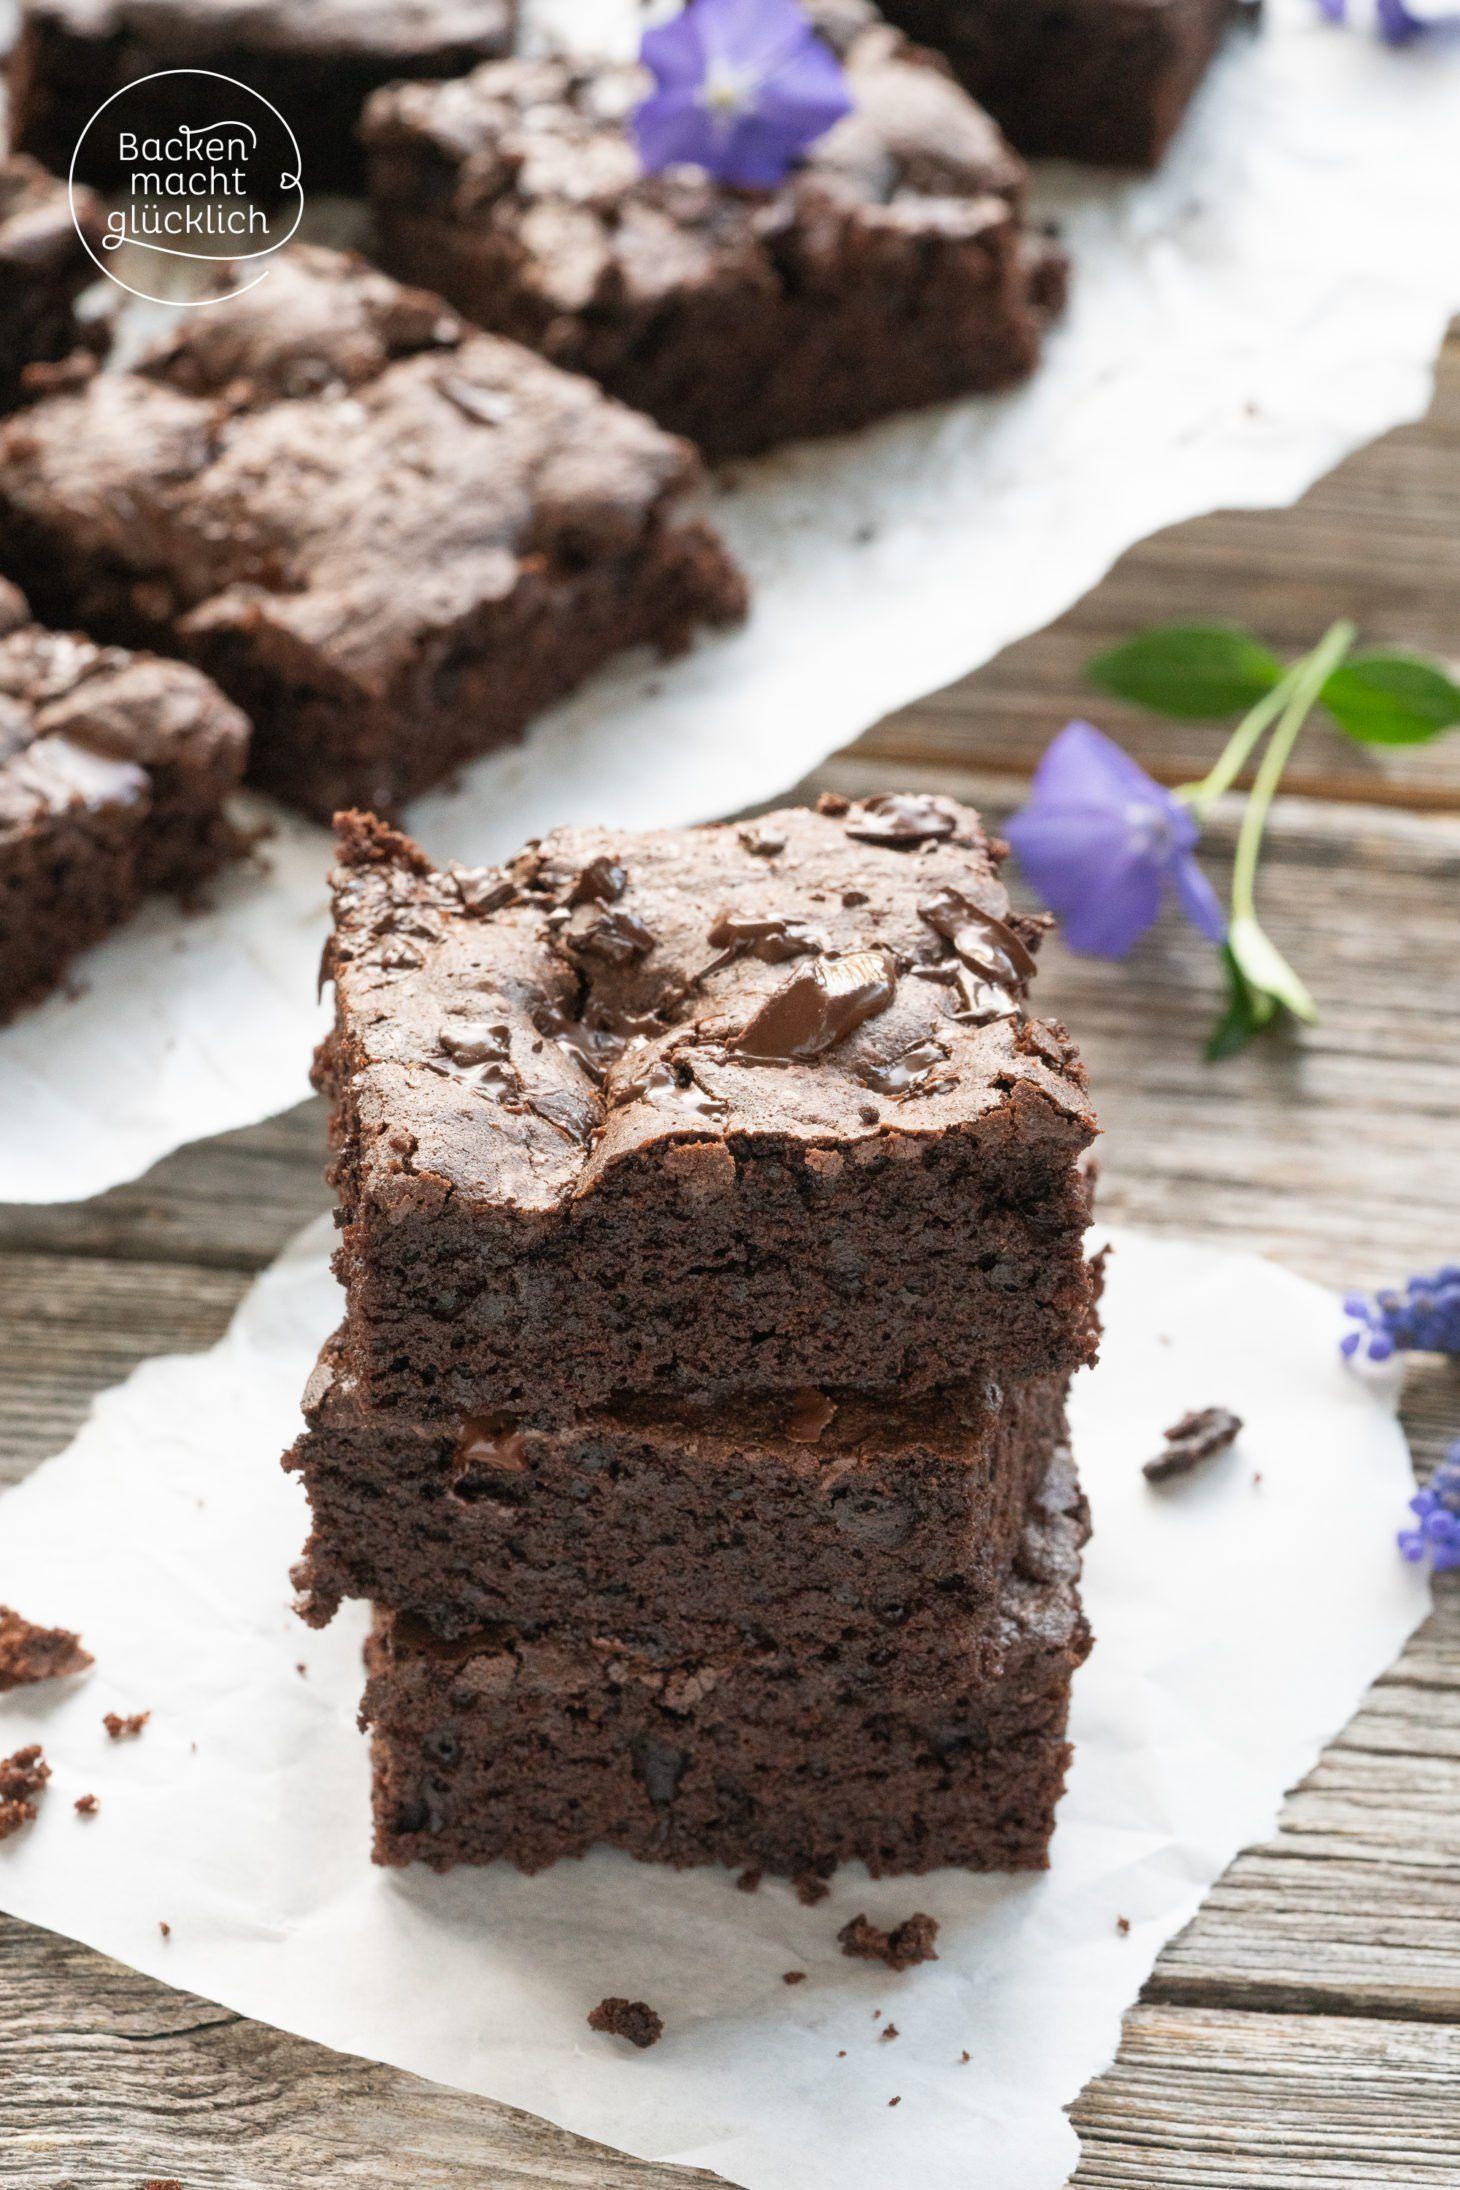 American Brownies Rezept Brownies Ohne Backen Backen Macht Glucklich Und Schokoladenkuchen Rezept